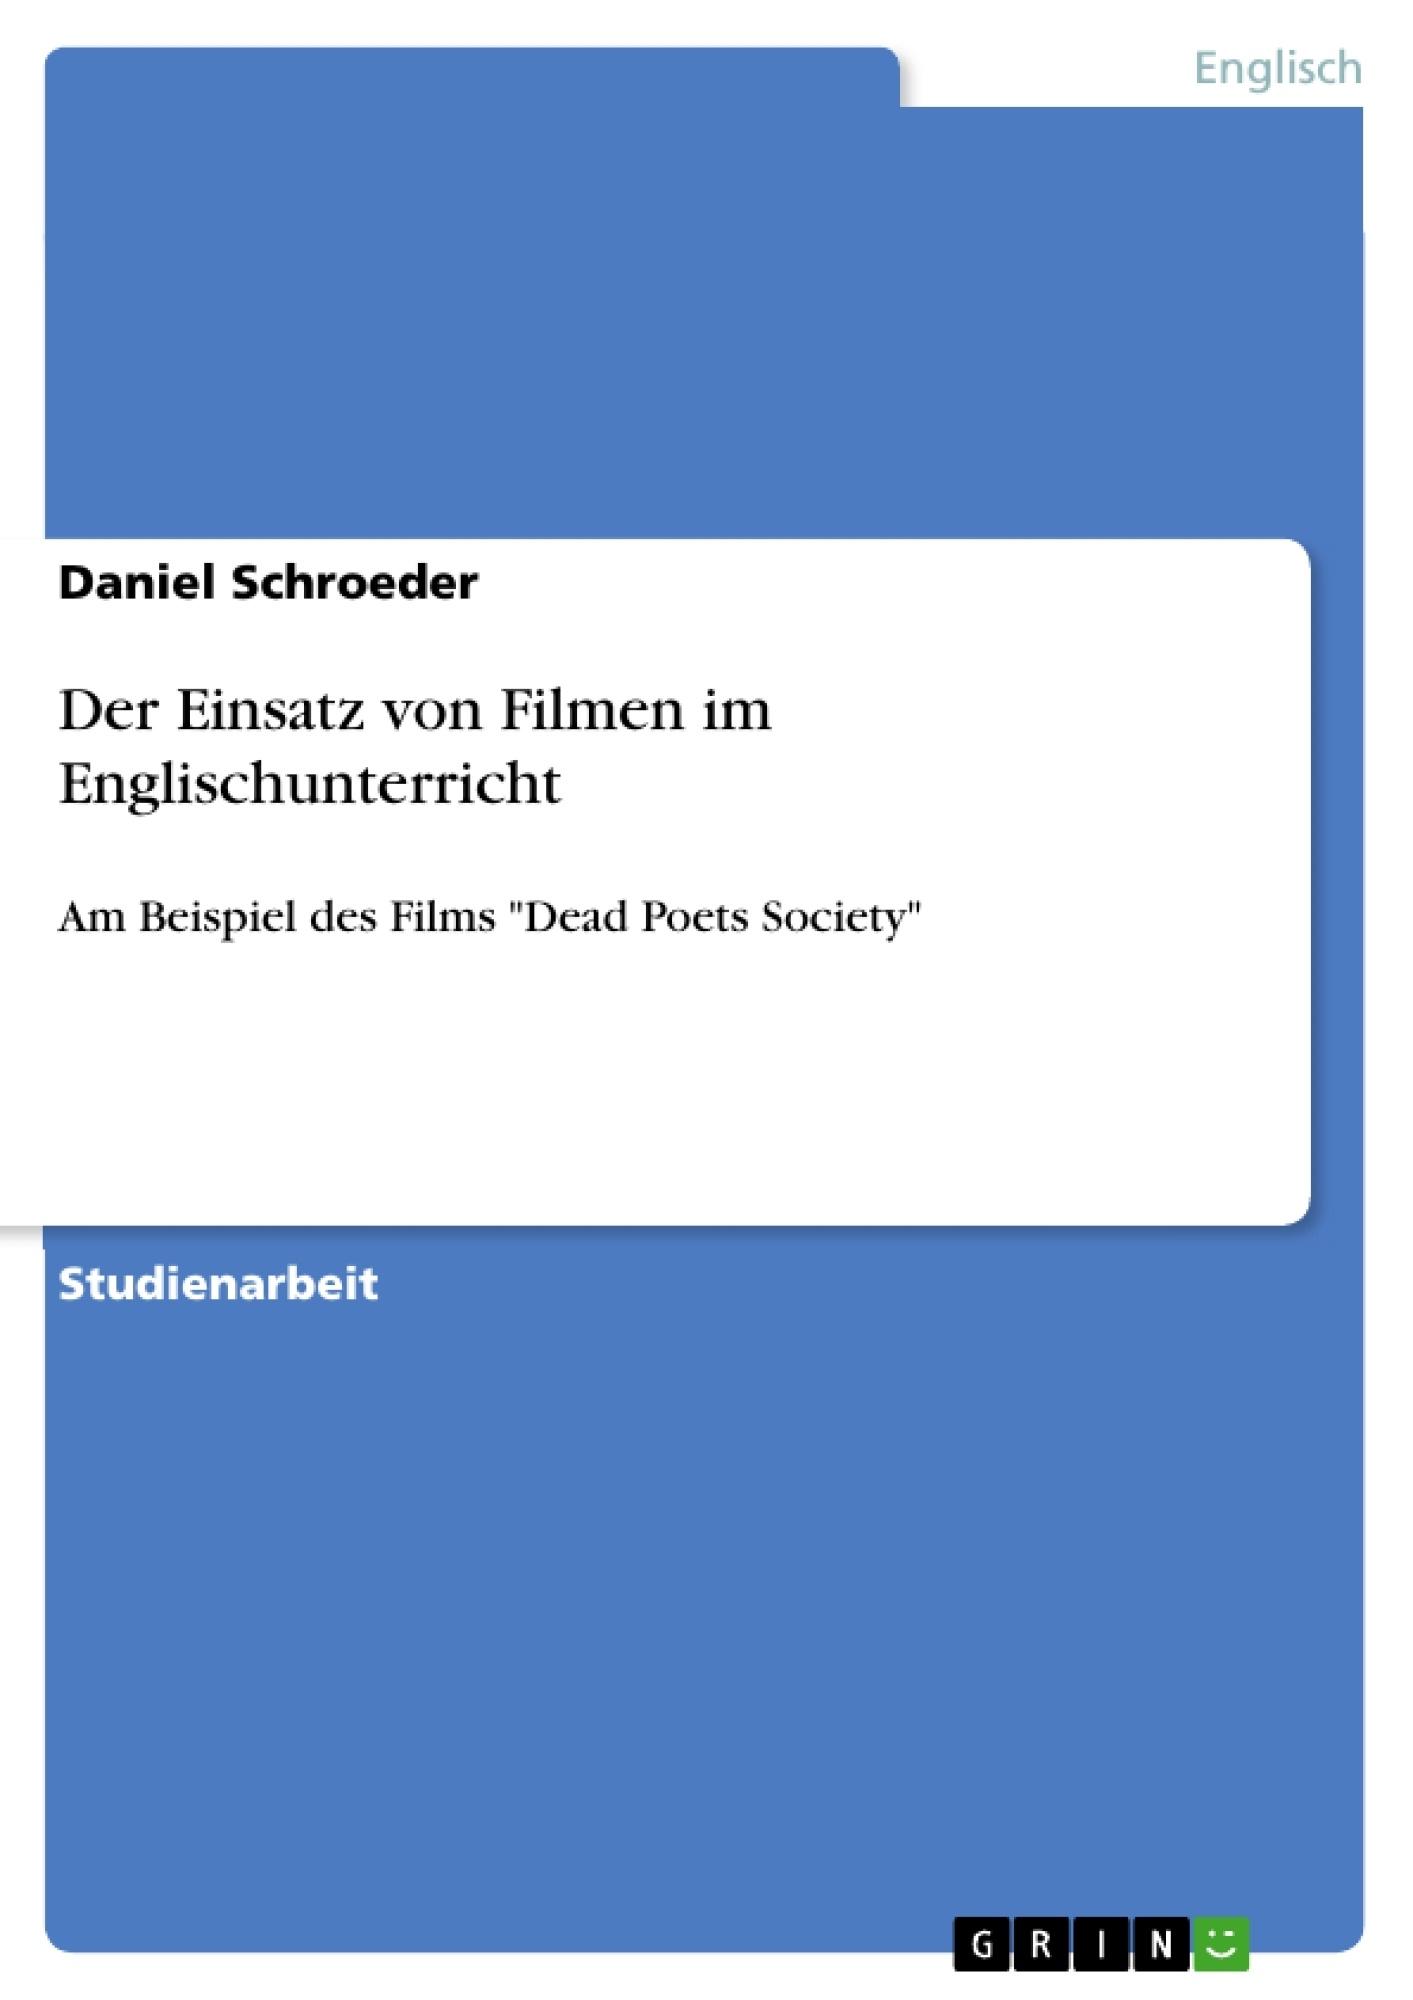 Titel: Der Einsatz von Filmen im Englischunterricht